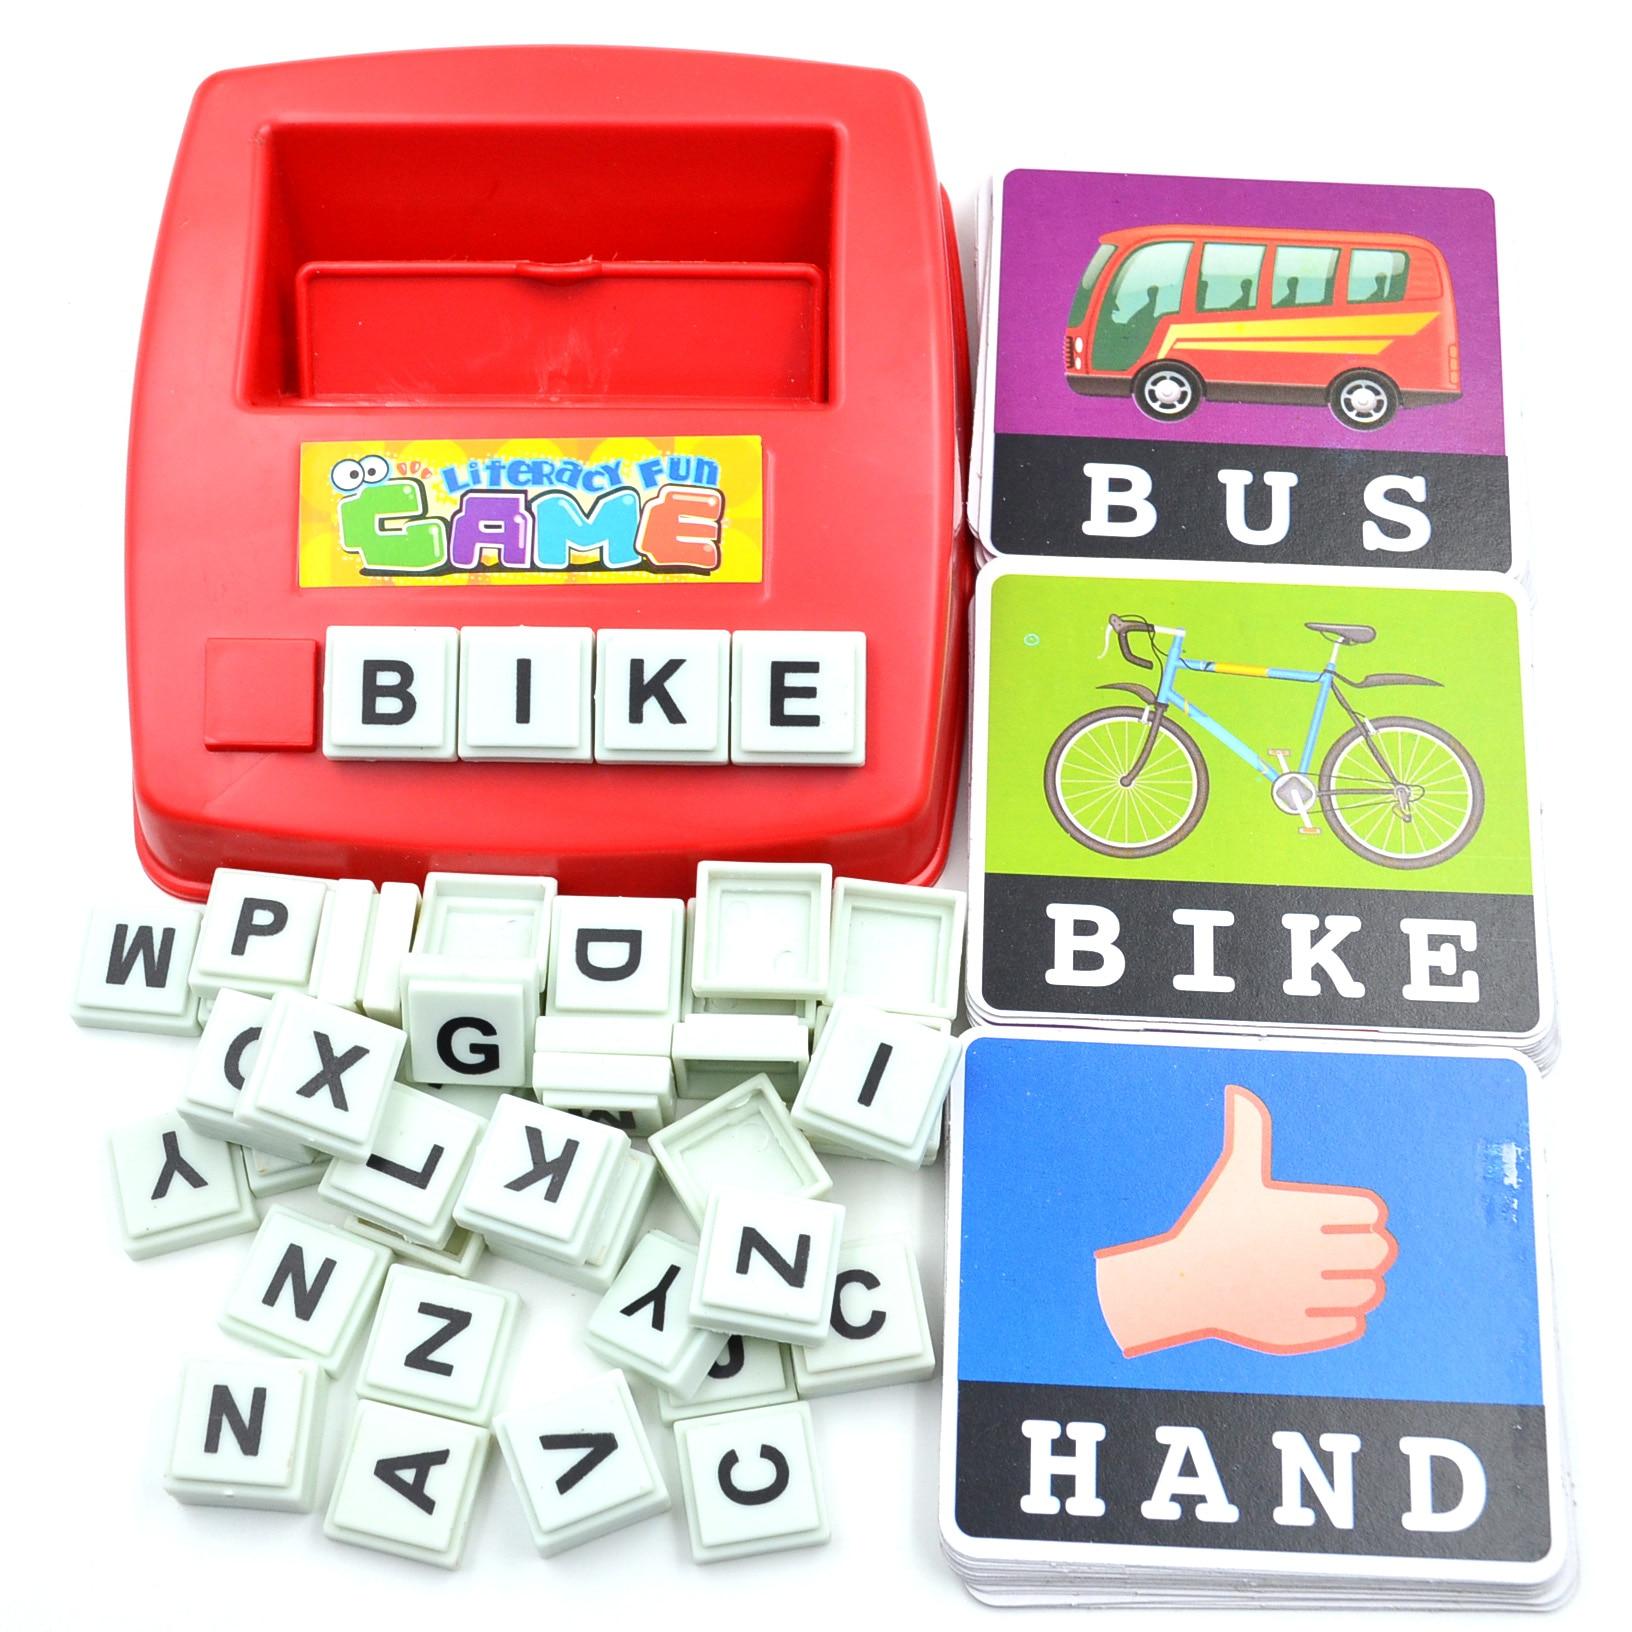 Detail Umpan Balik Pertanyaan tentang Bohs Huruf Alfabet Kartu Literasi Menyenangkan Permainan Belajar Amerika Serikat Bahasa ABC Anak Mainan Pendidikan